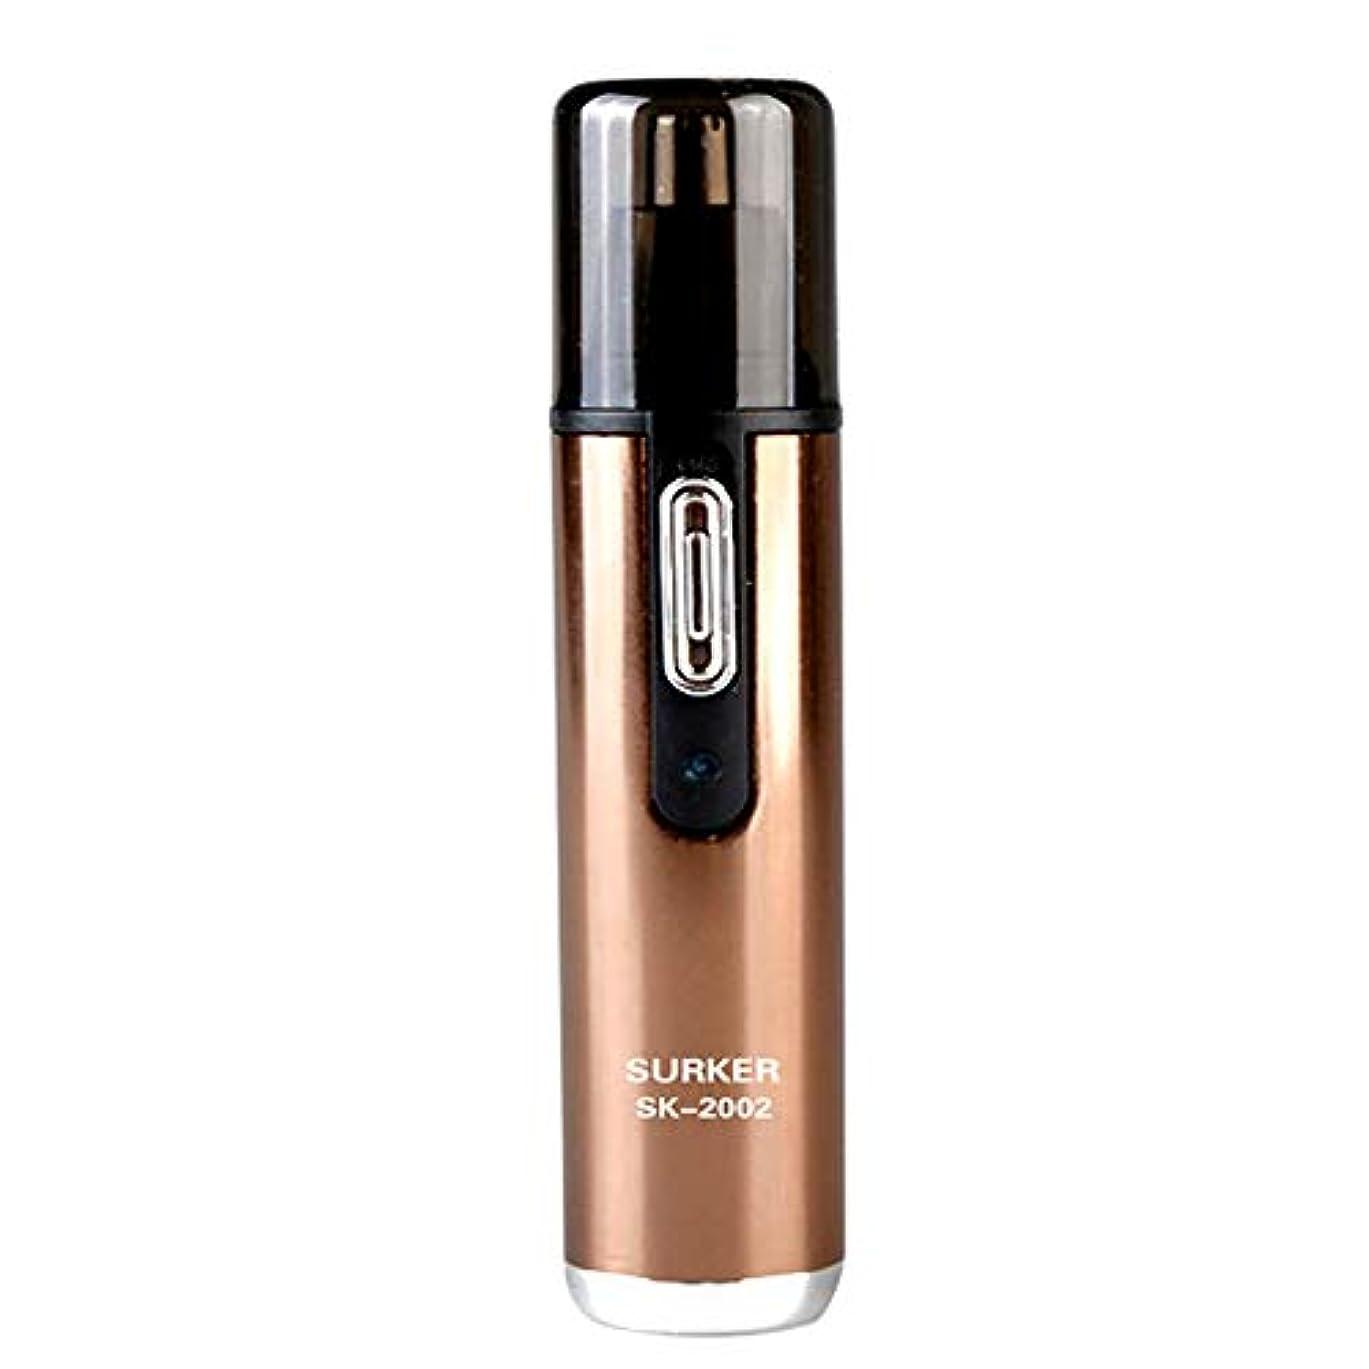 後継最少フレキシブル鼻のヘアトリマーは使いやすいです男性と女性のための50 dB以下の内部360°回転でノイズのある明るいLEDライトで、保護カバーで掃除しやすいです